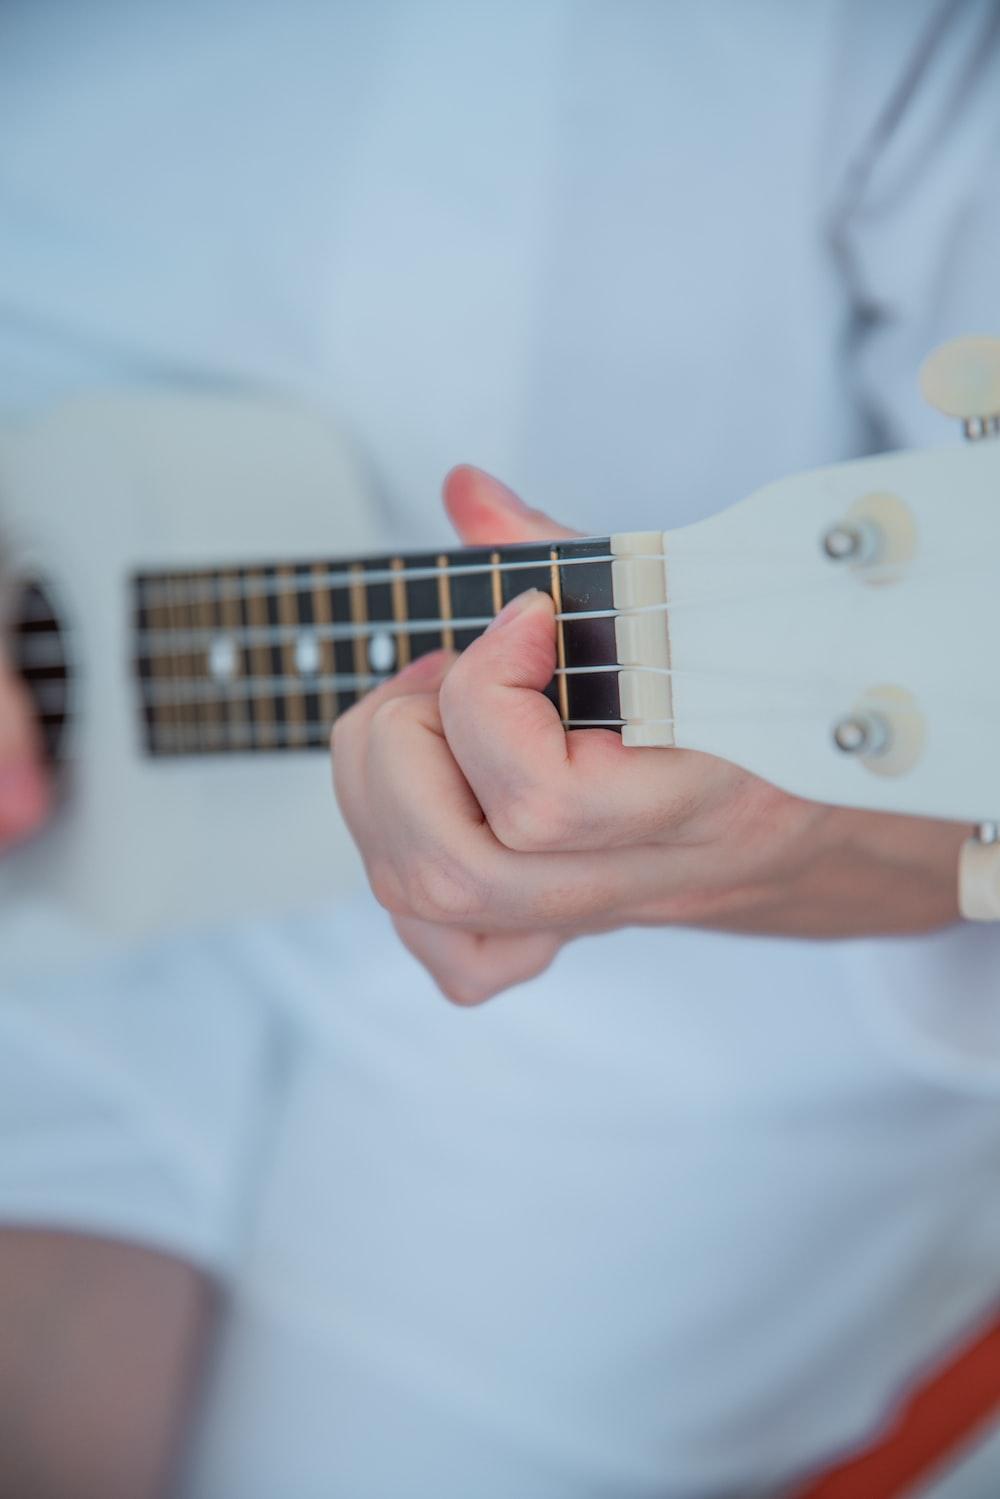 person playing ukulele